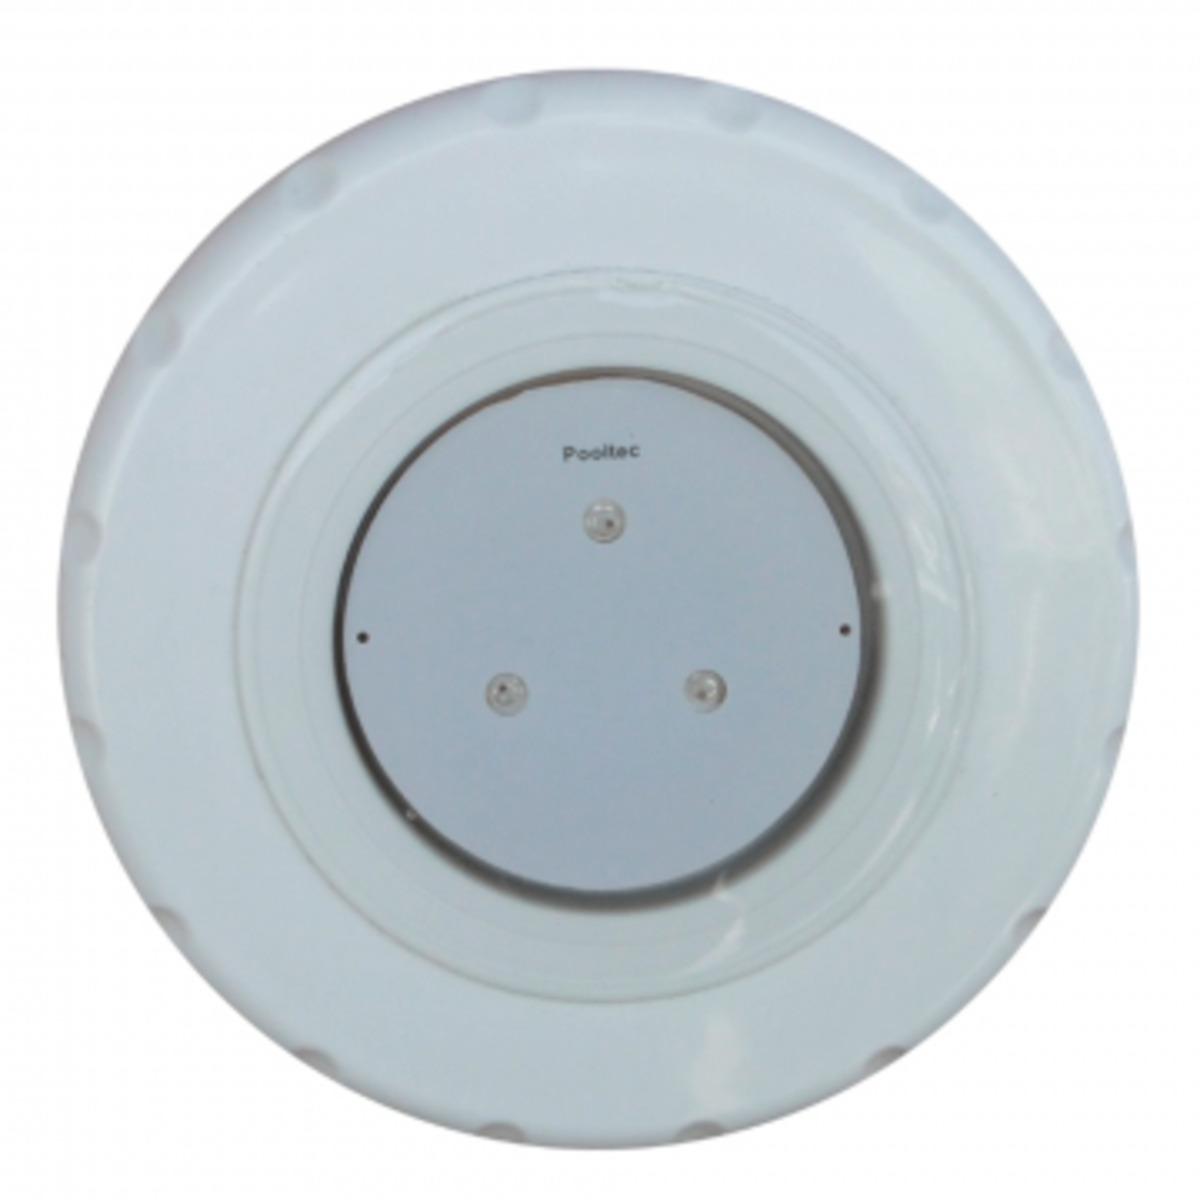 """Refletor Tecno Super Led 3 Branco em ABS com Plug 1/2"""" Pooltec"""